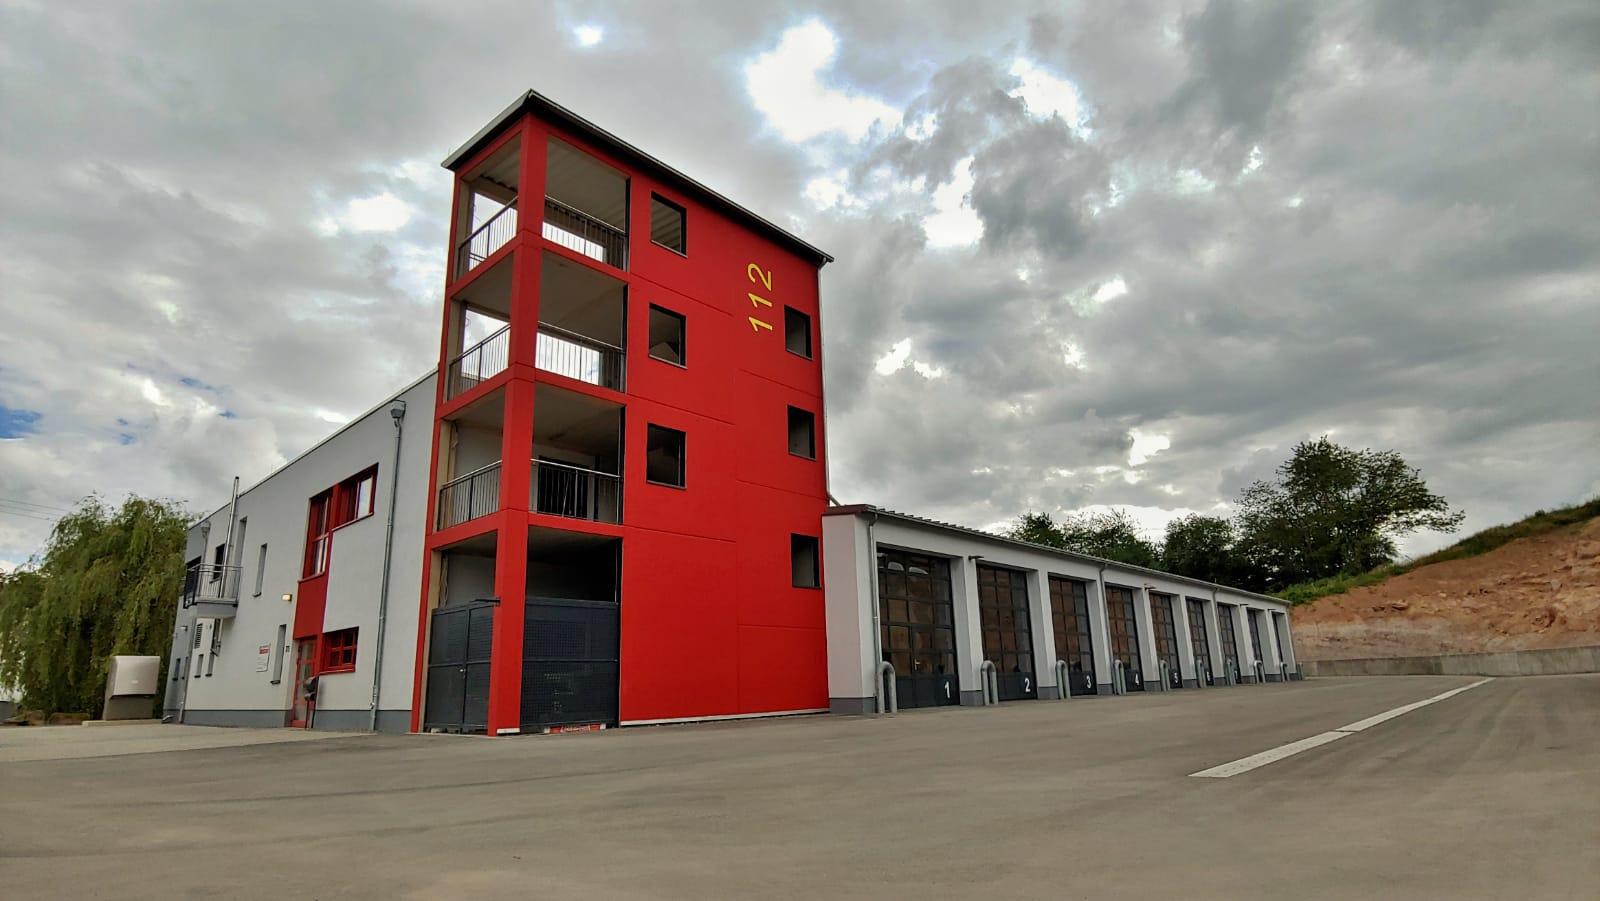 LB1 - Feuerwache Löschbezirk Mitte in der Triererstraße